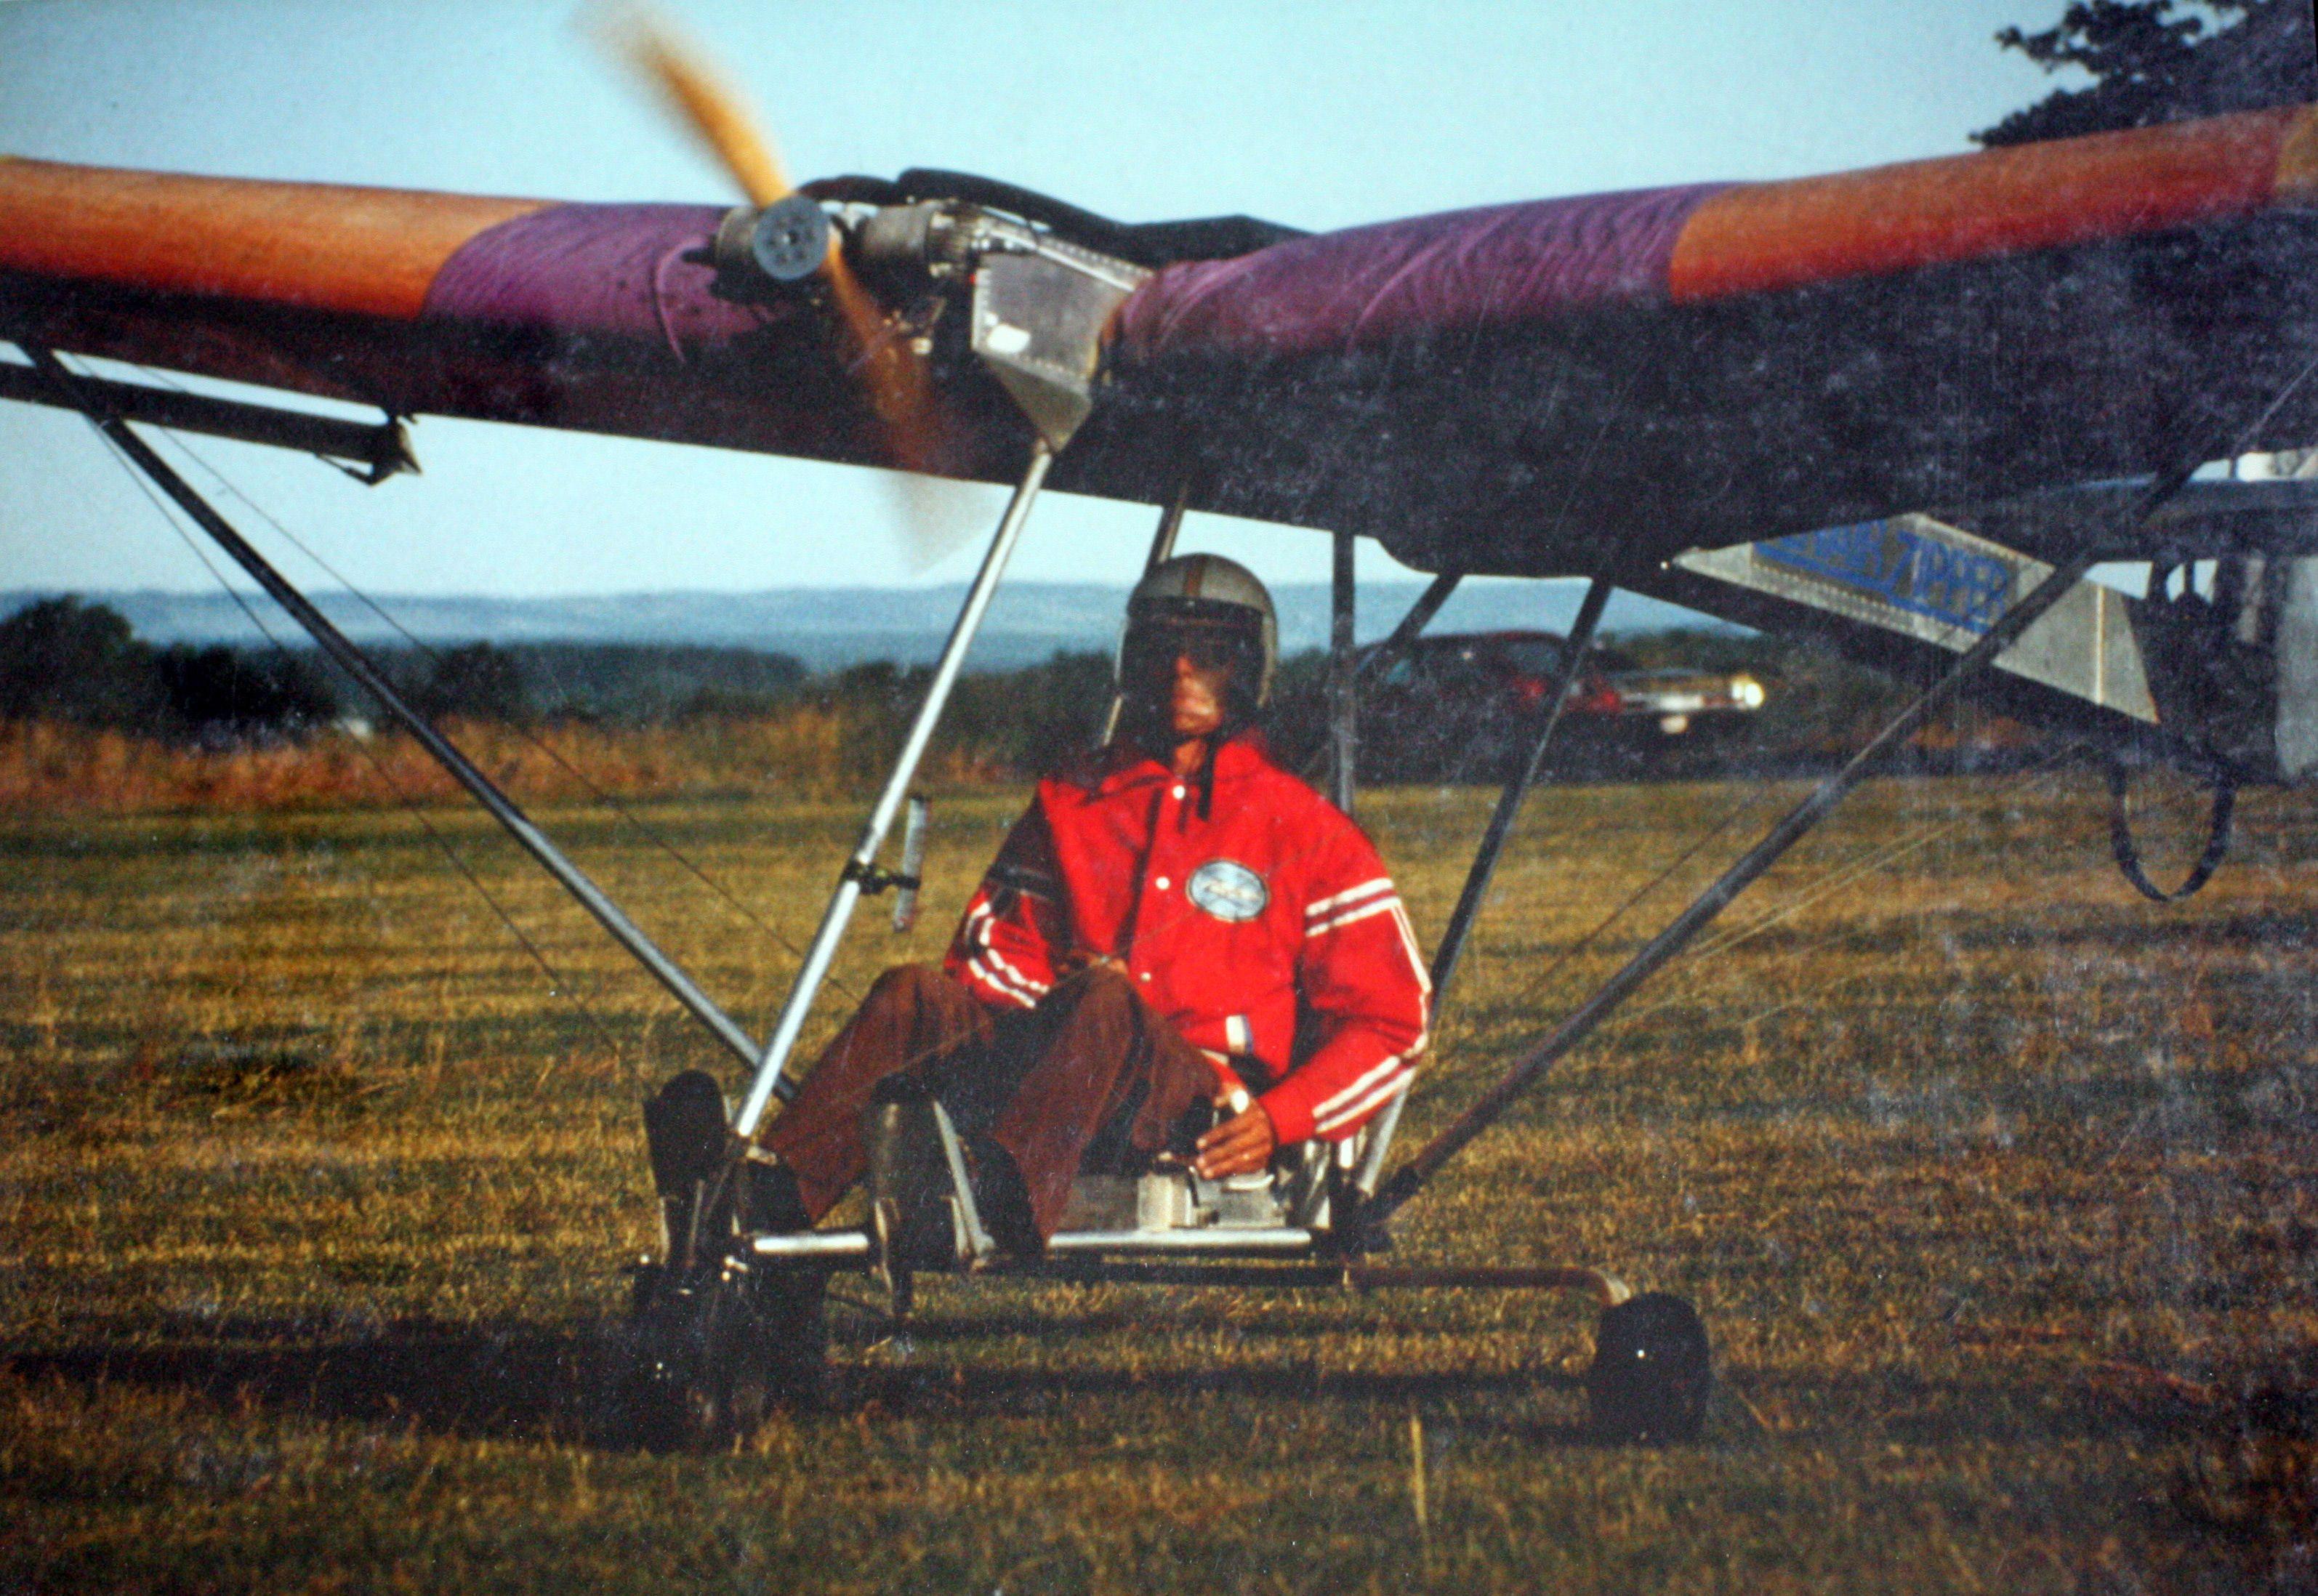 ZENAIR  ZIPPER - Zenith Aircraft Builders and Flyers